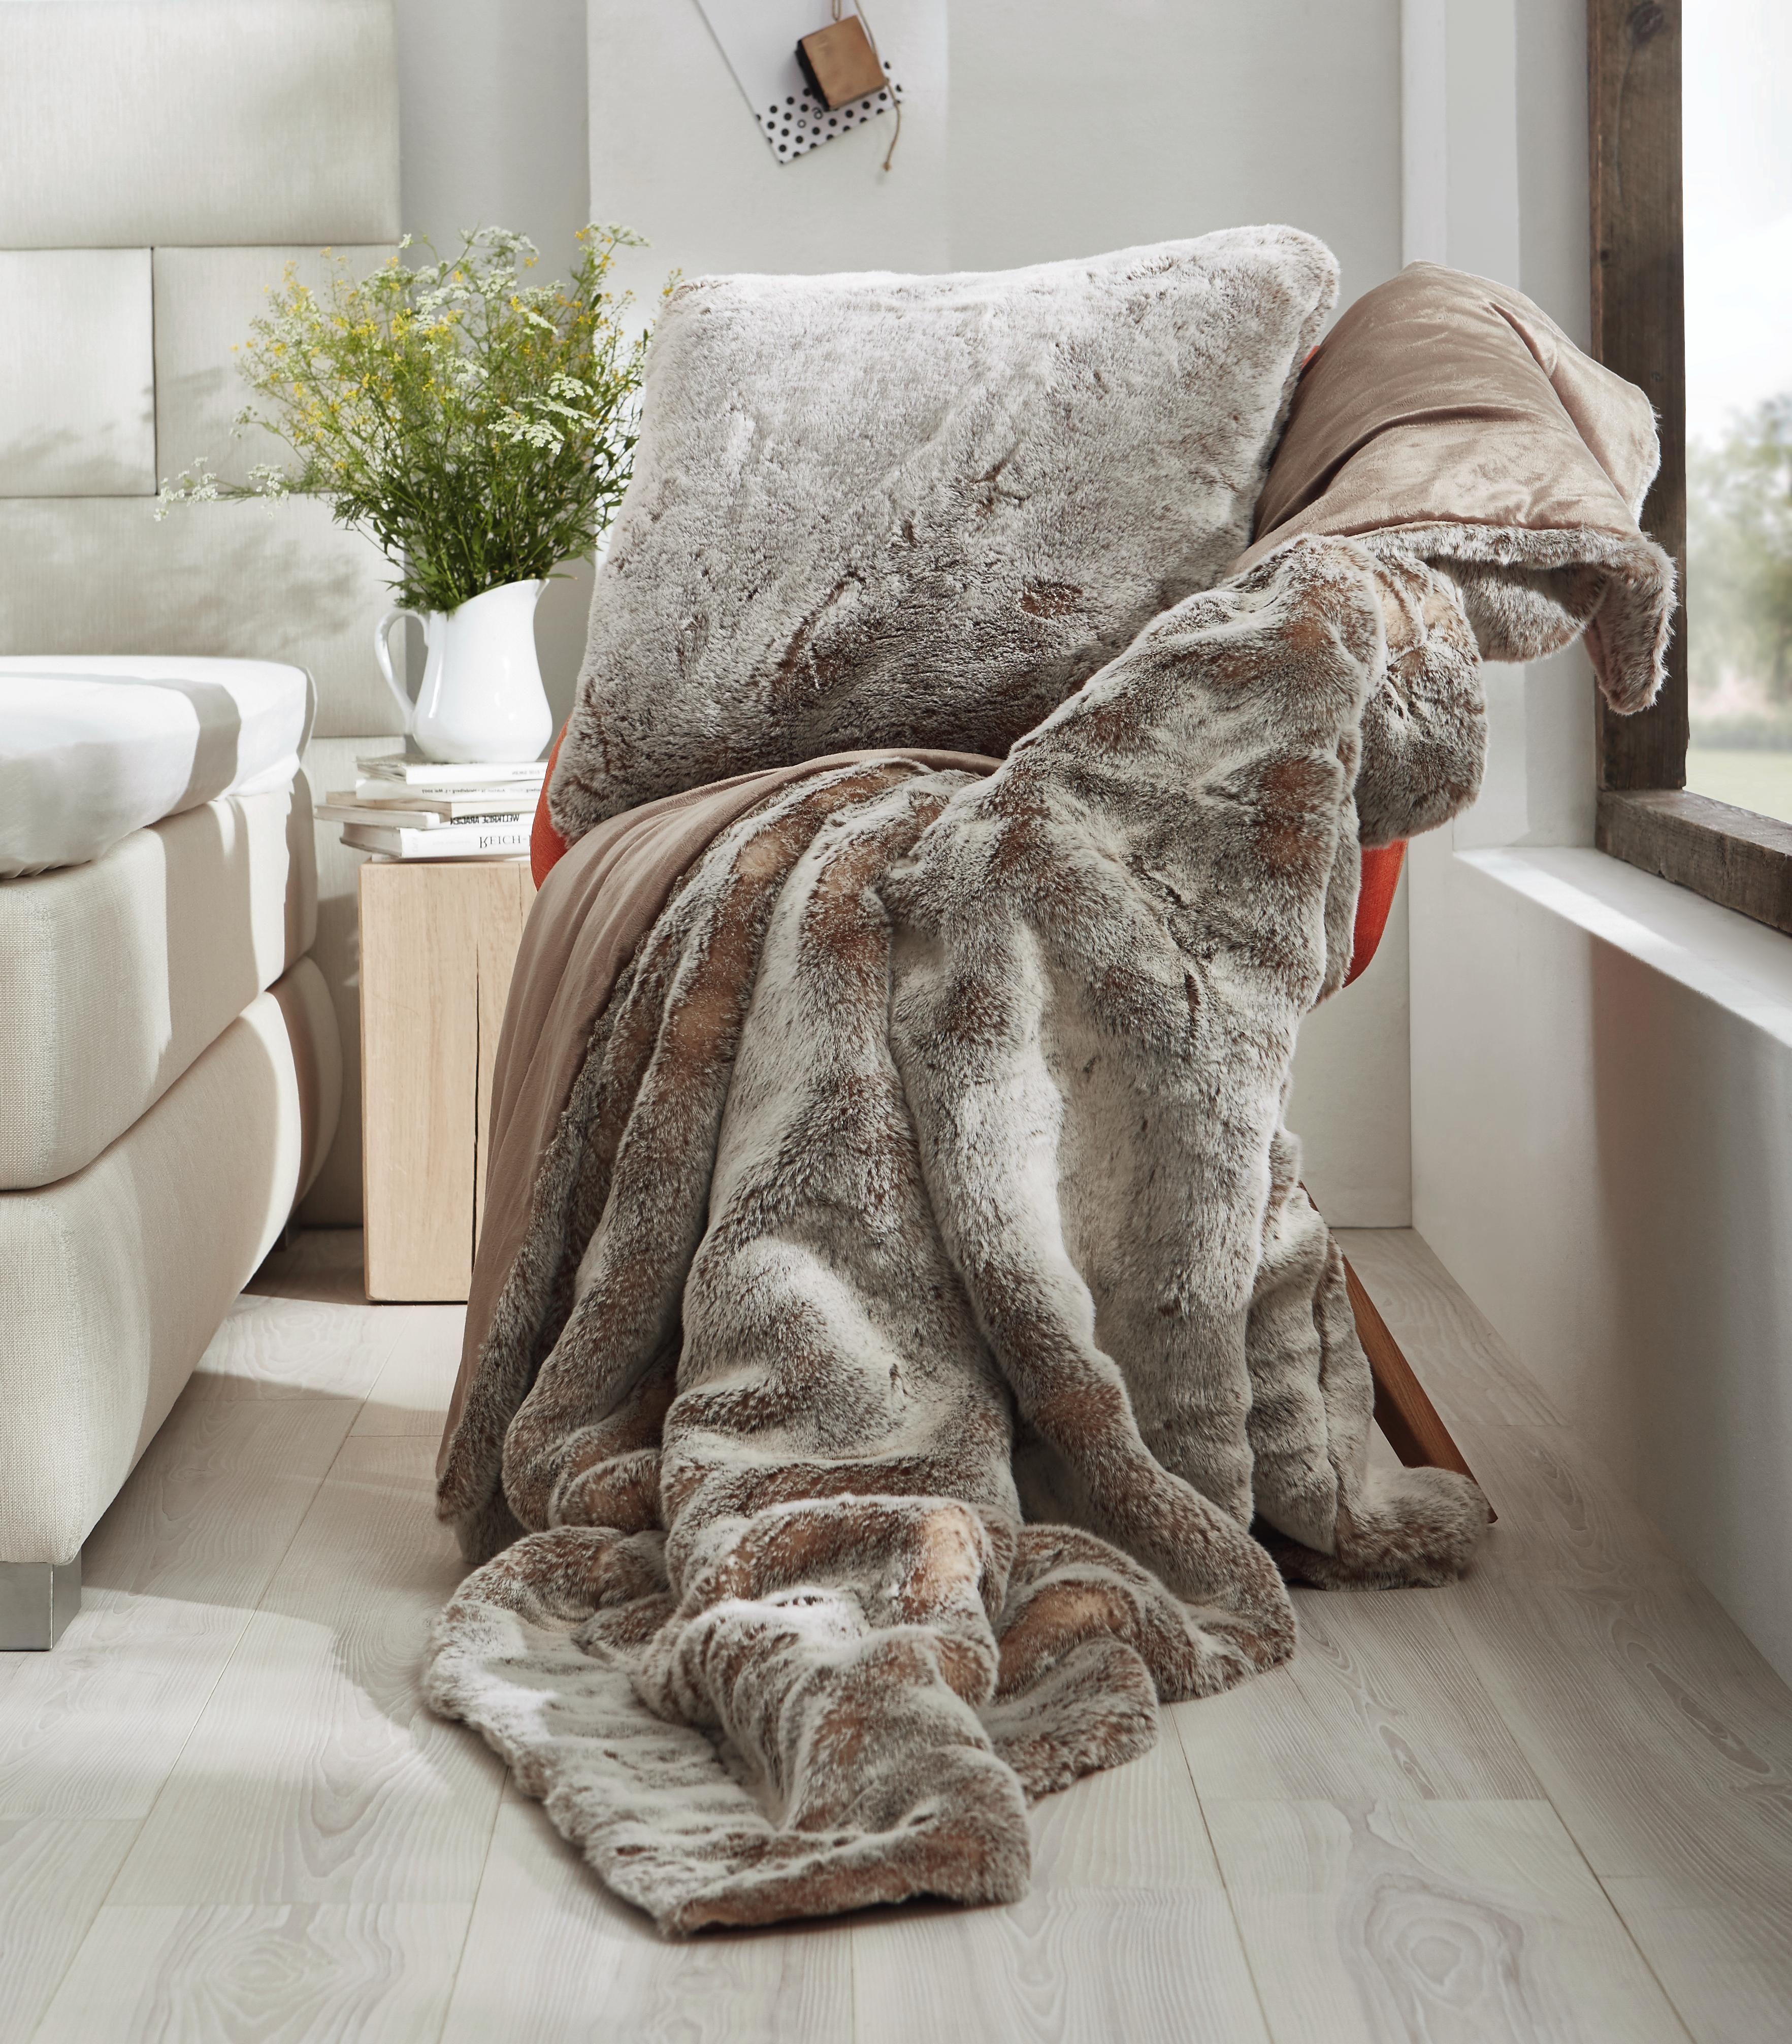 Im Winter Muss Nicht Mehr Gezittert Werden Eine Kuschelige Felldecke Oder Ein Flauschiges Kissen Sorgen Fur Winterliche Sti Gemutlich Flauschige Kissen Decke